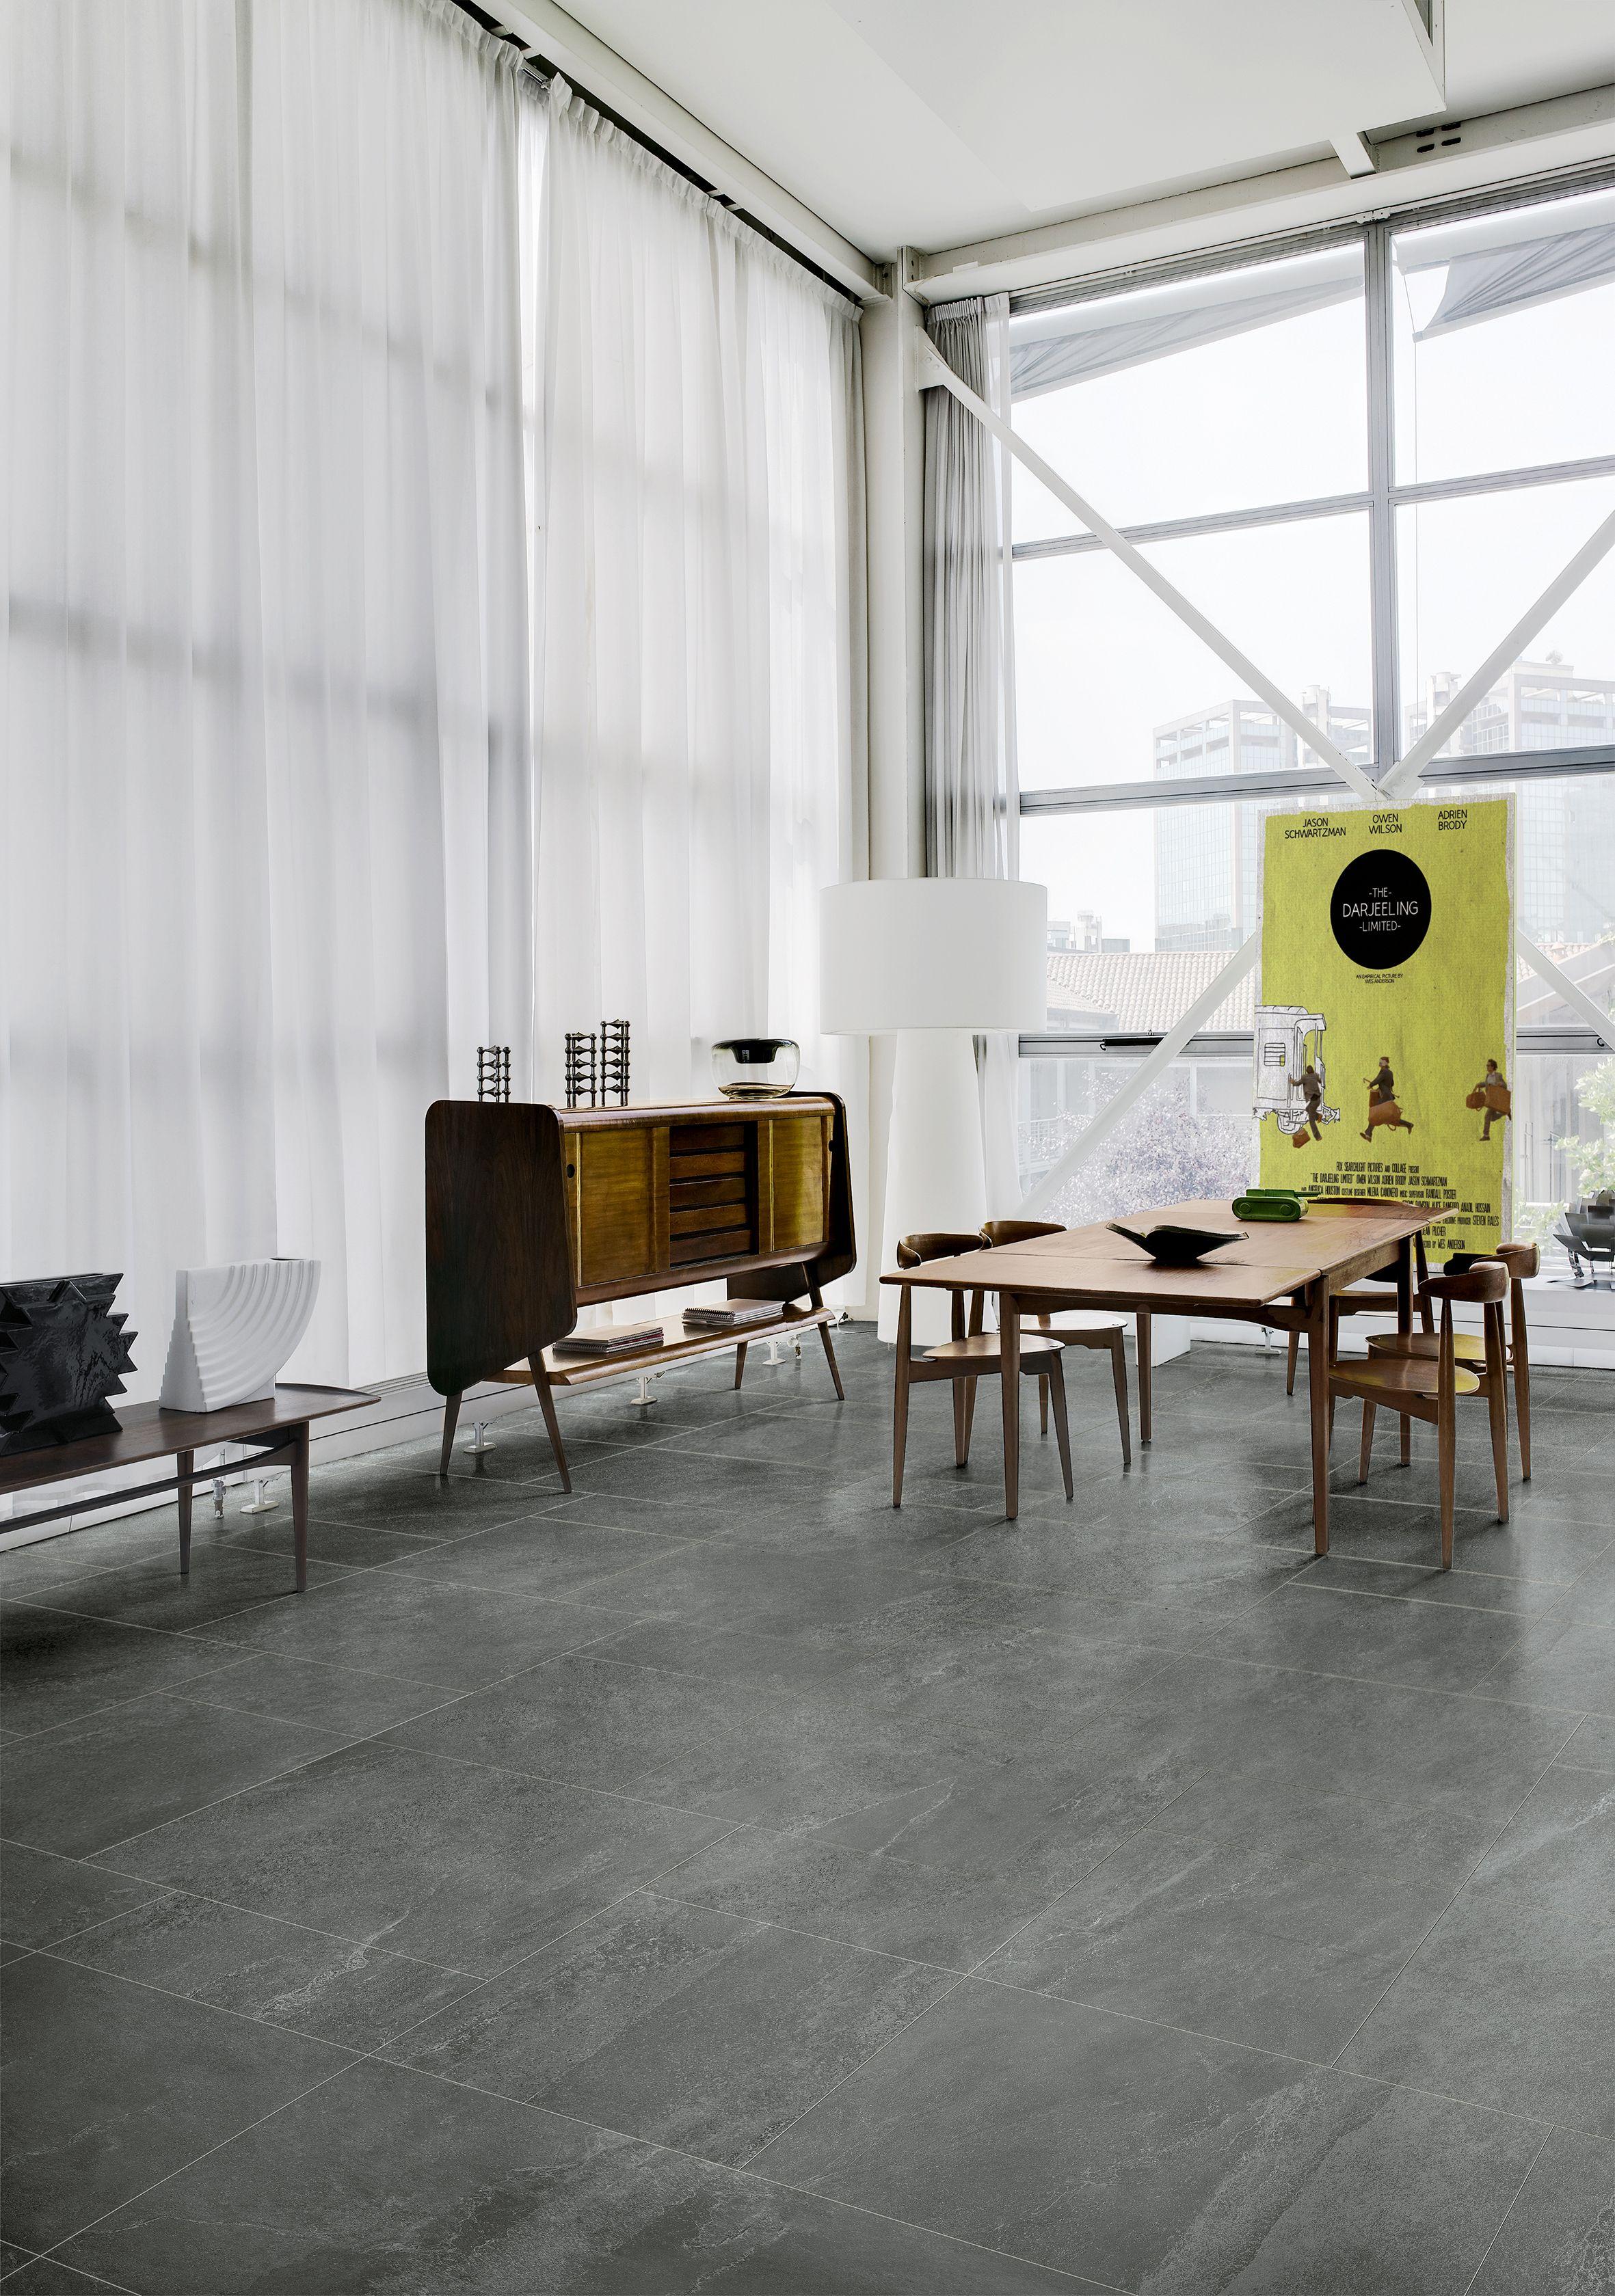 Fliesen In Steinoptik Vom Arnold Lammering Fliesenstudio. Arnold Lammering  GmbH, Fliesen Küche, Fliesen